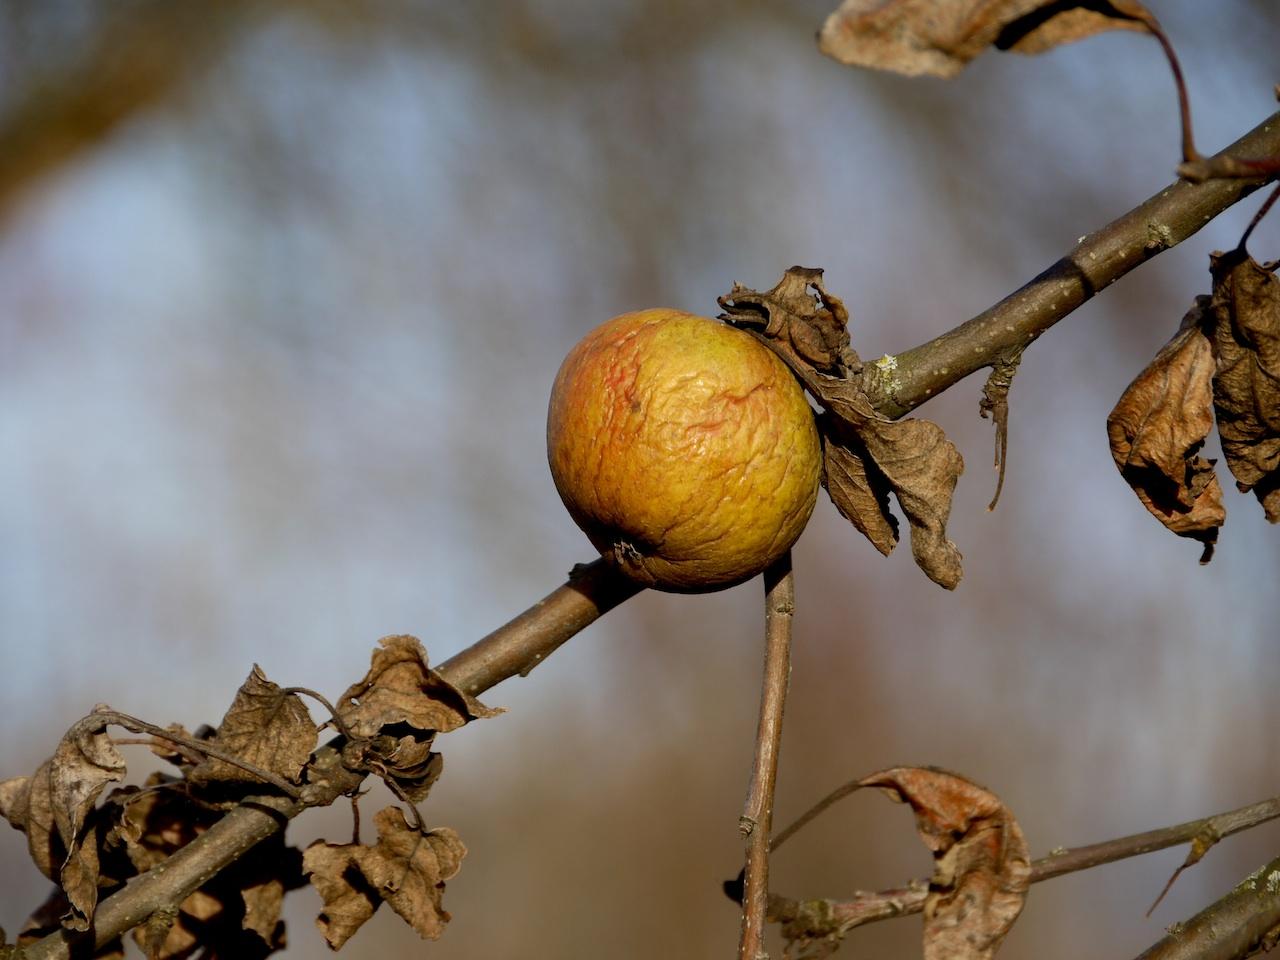 Apfel, einsam und verlassen im Dezember